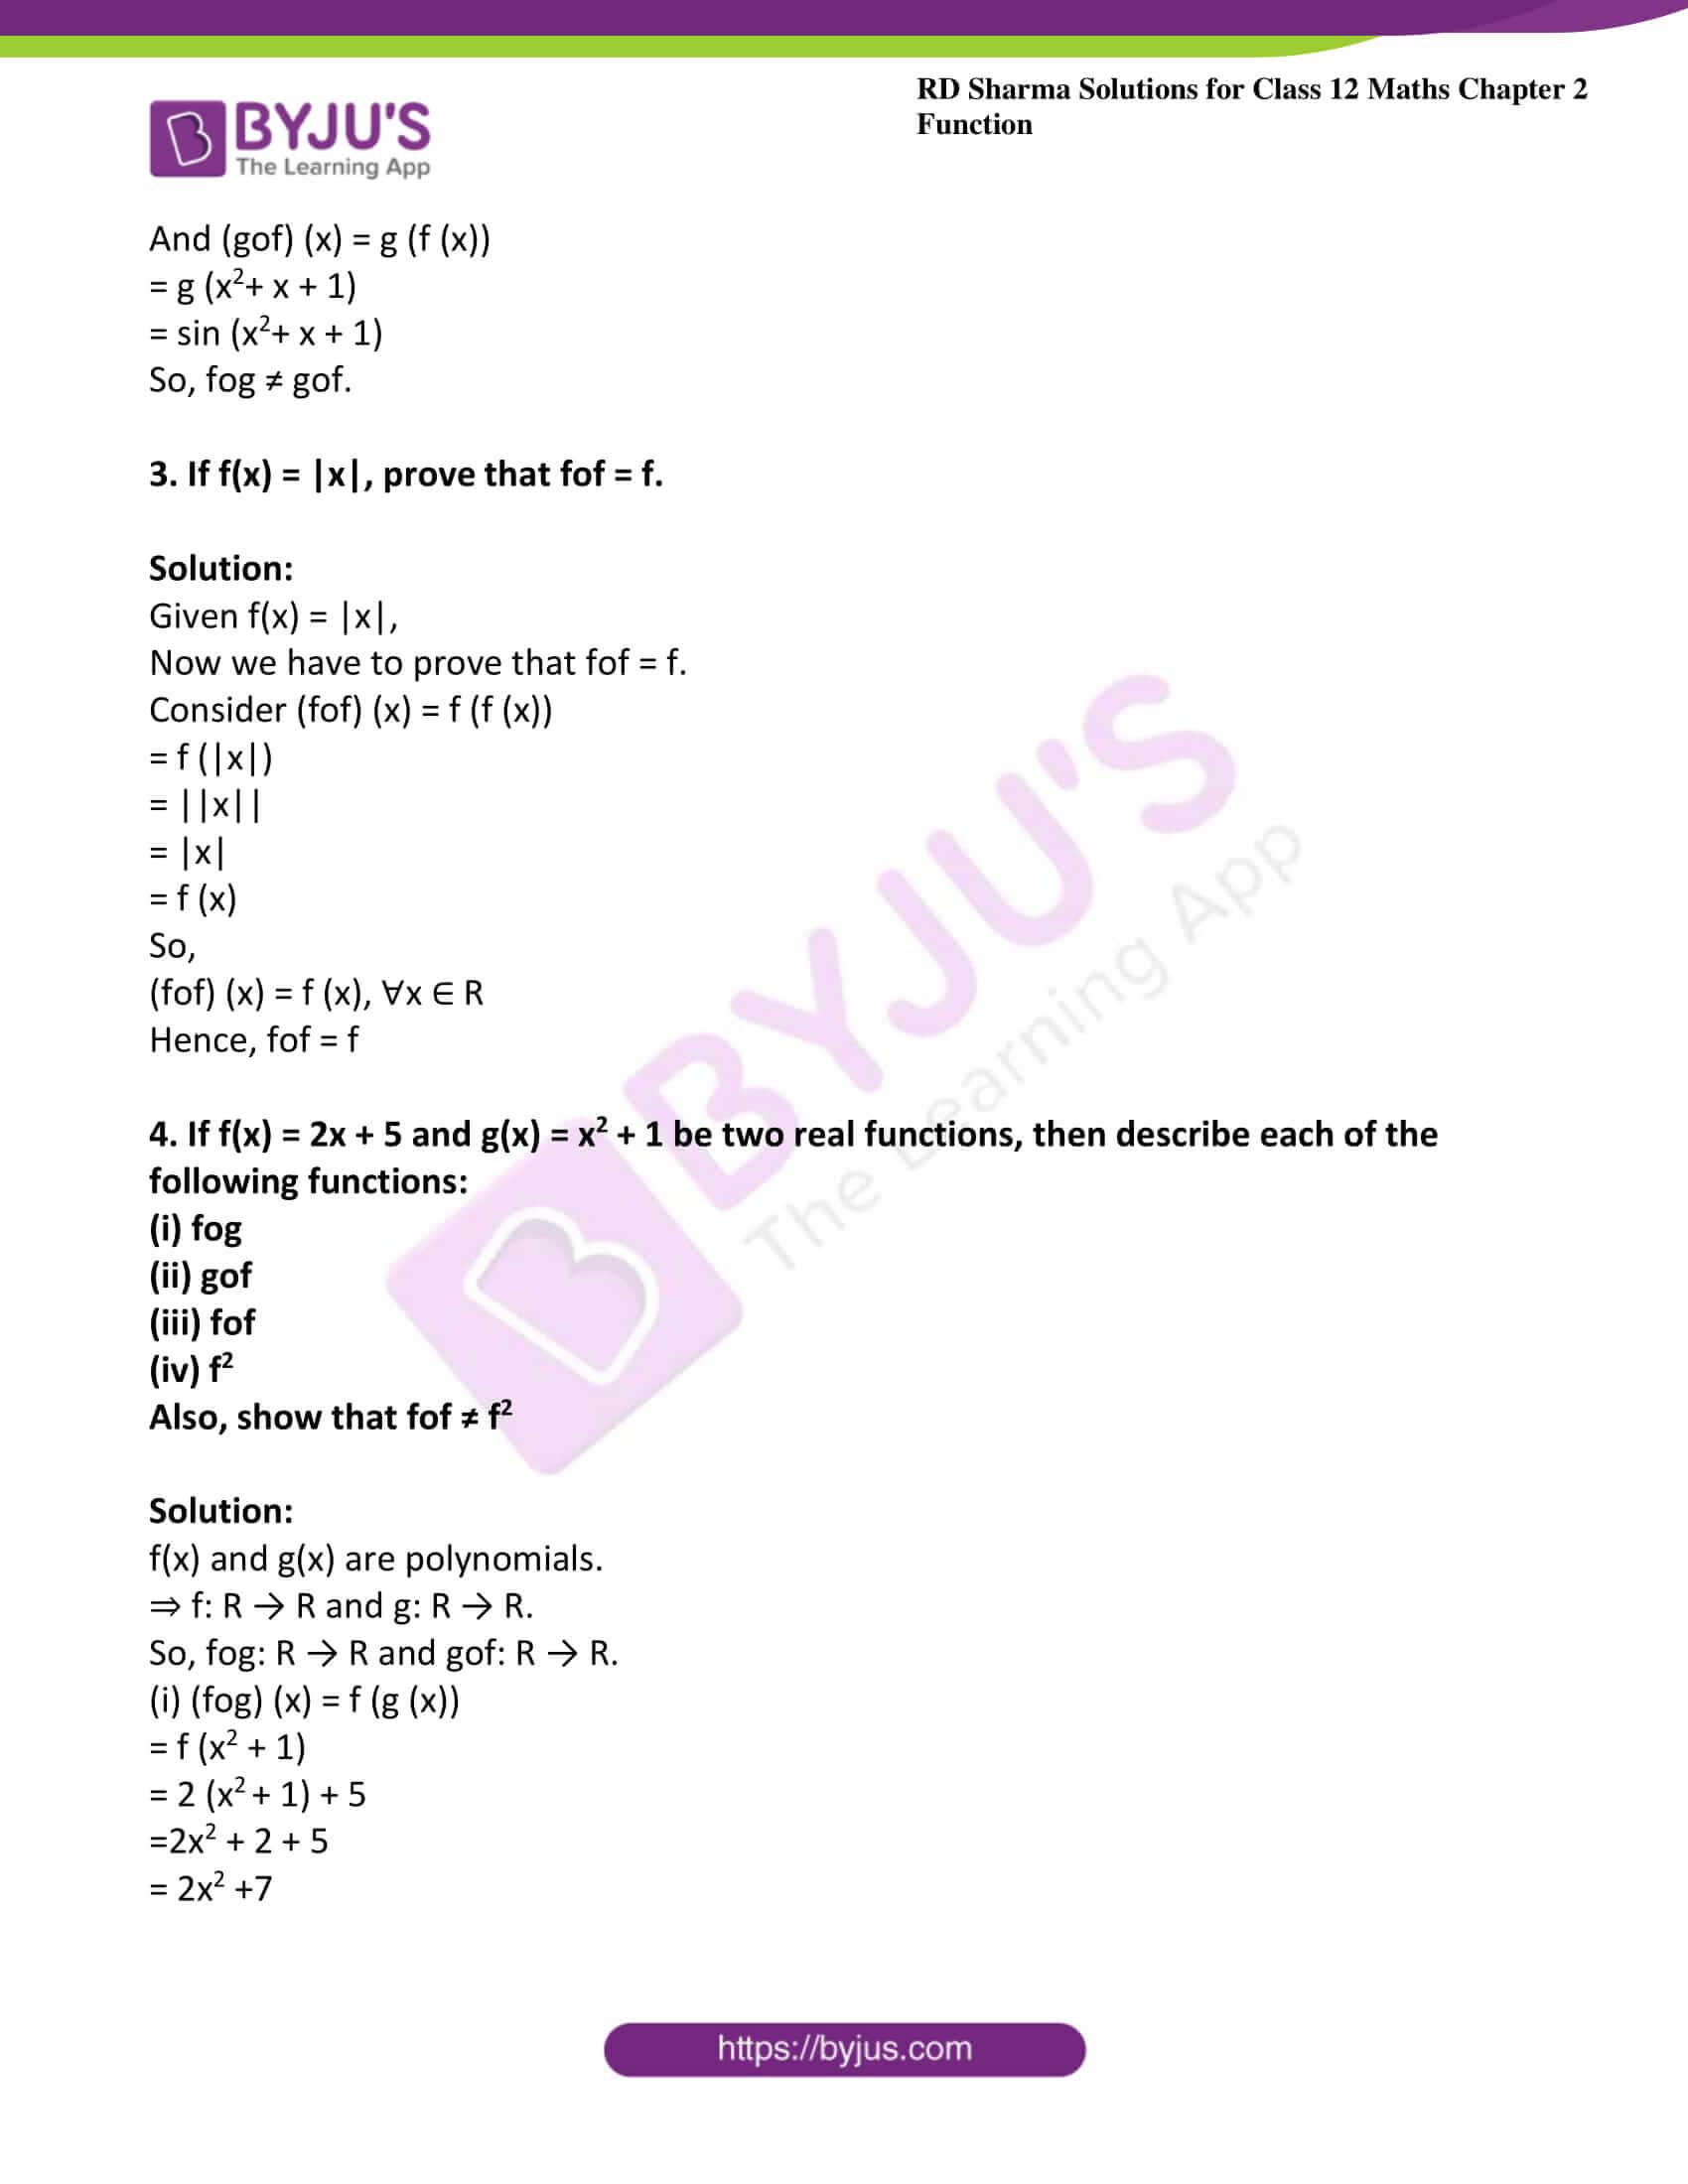 rd sharma class 12 maths solutions chapter 2 ex 3 6